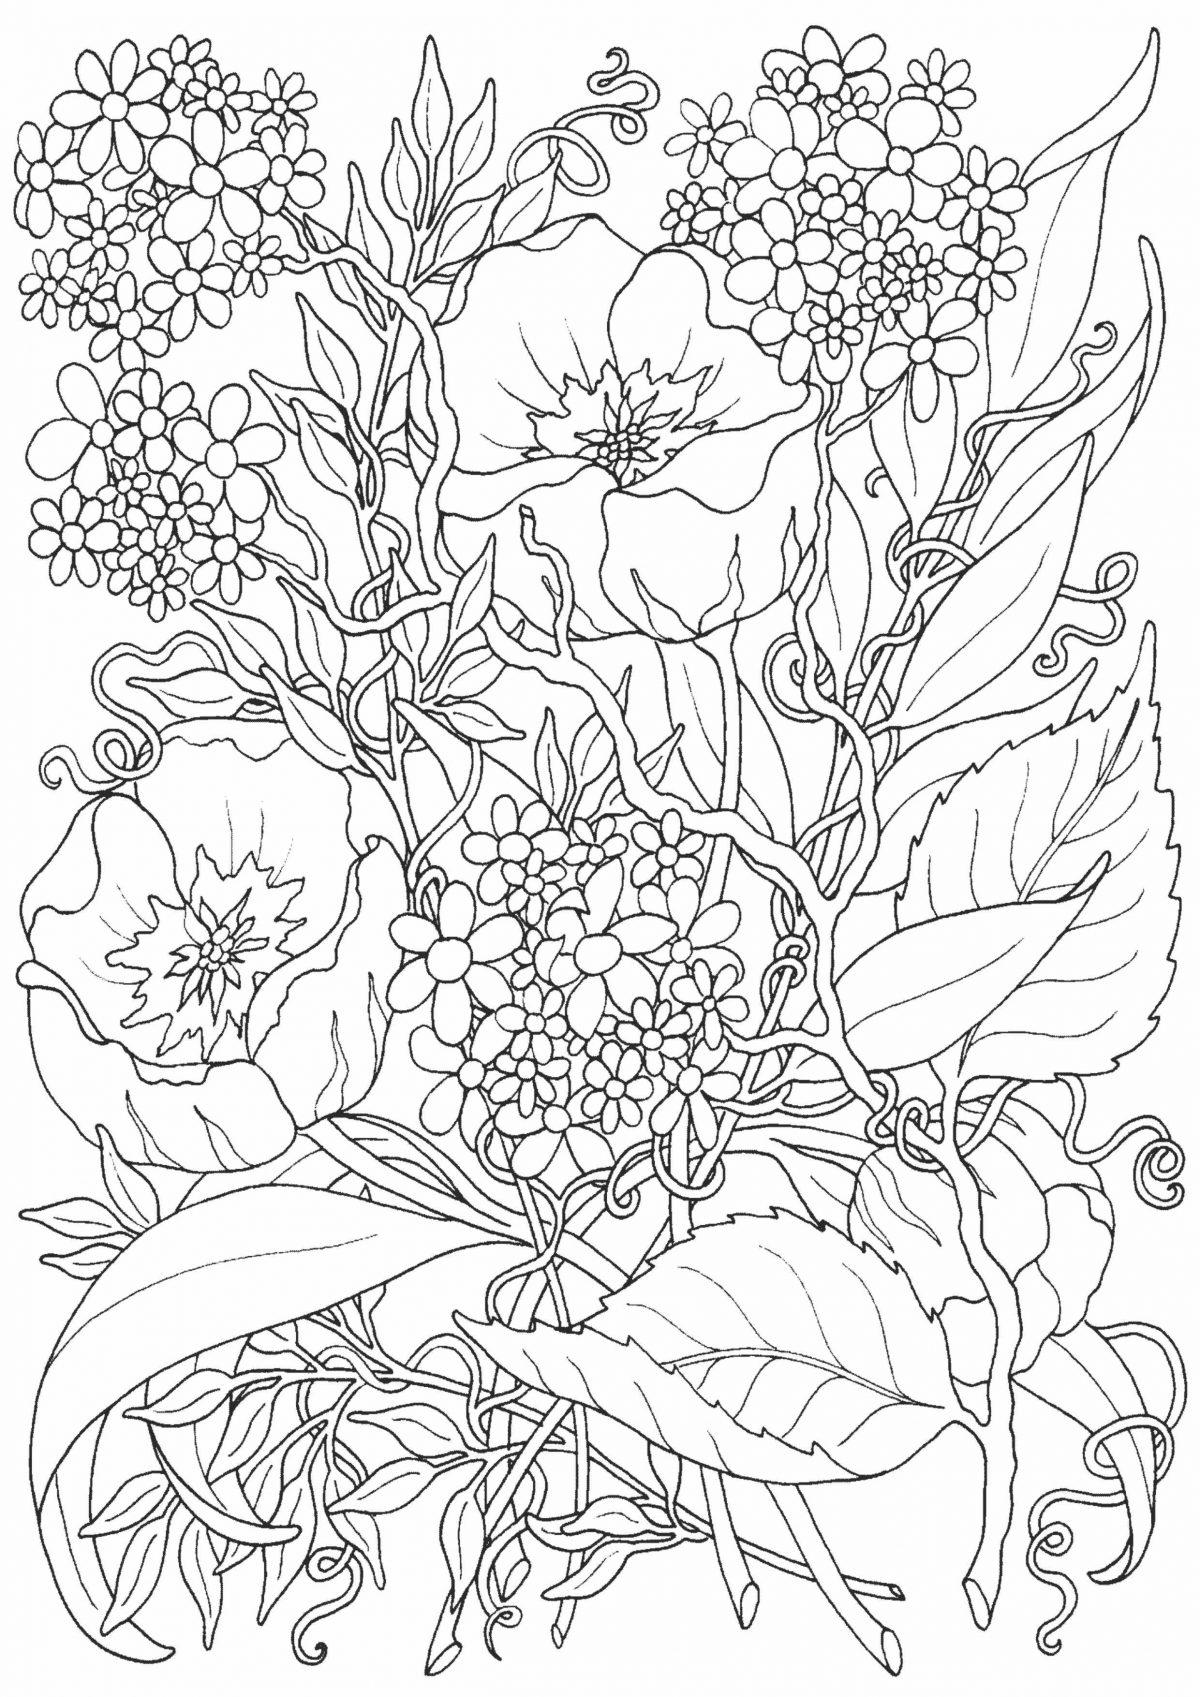 Раскраска с маковыми цветами